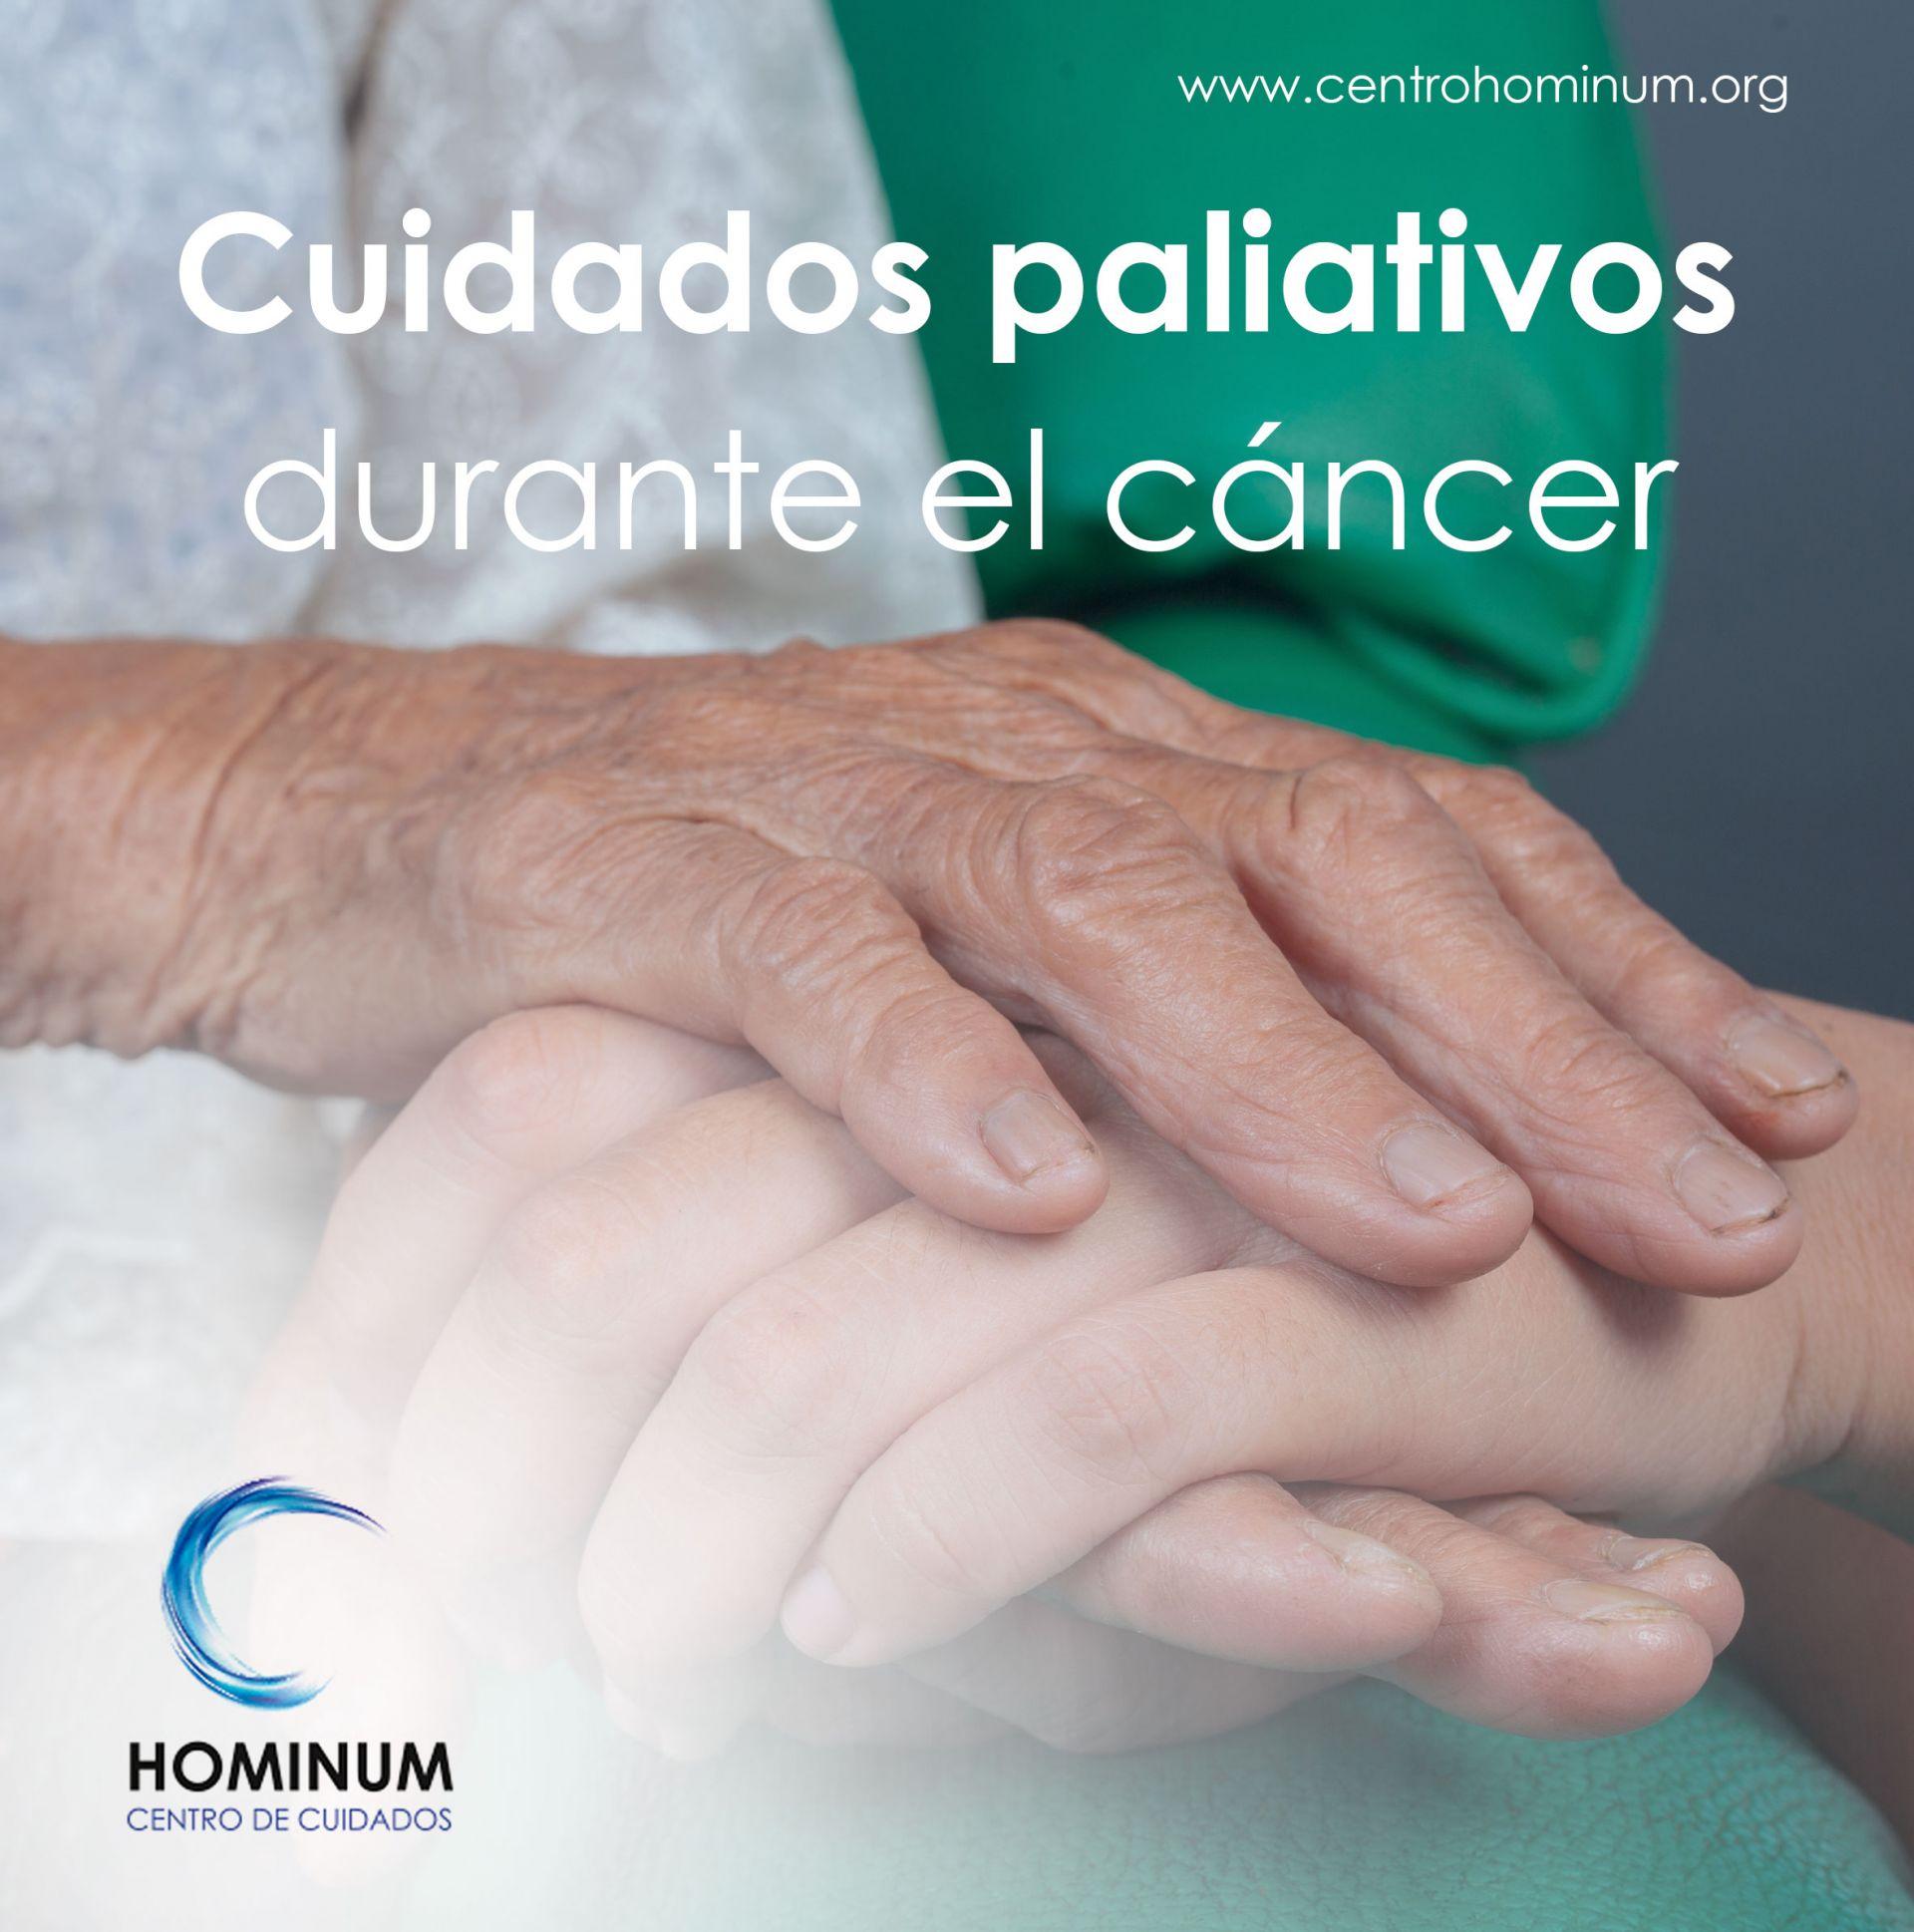 Foto Cuidados paliativos durante el cáncer